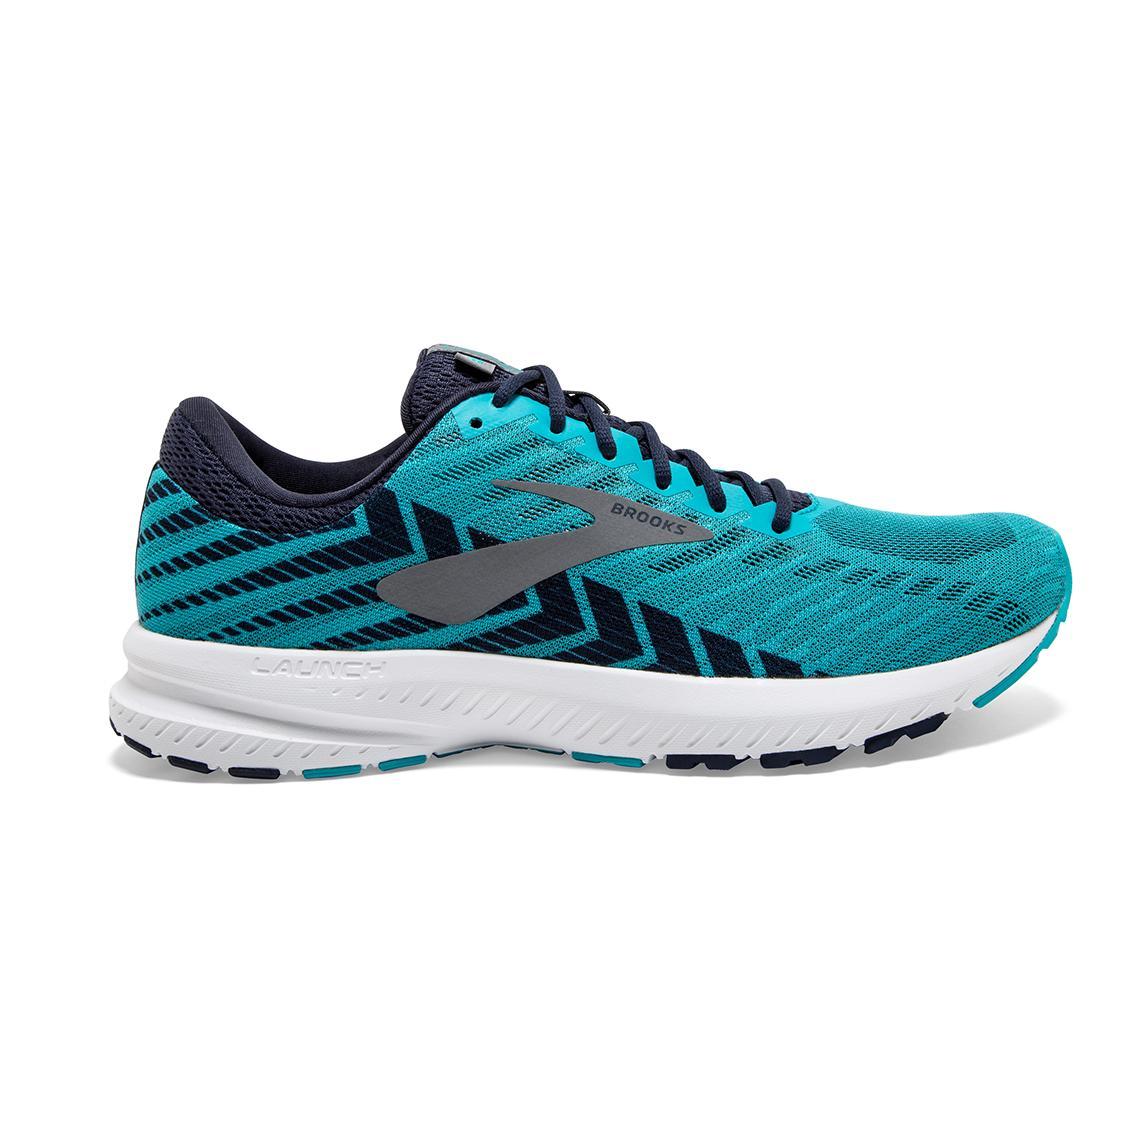 Brooks Launch 6 Chaussures de Running Femme